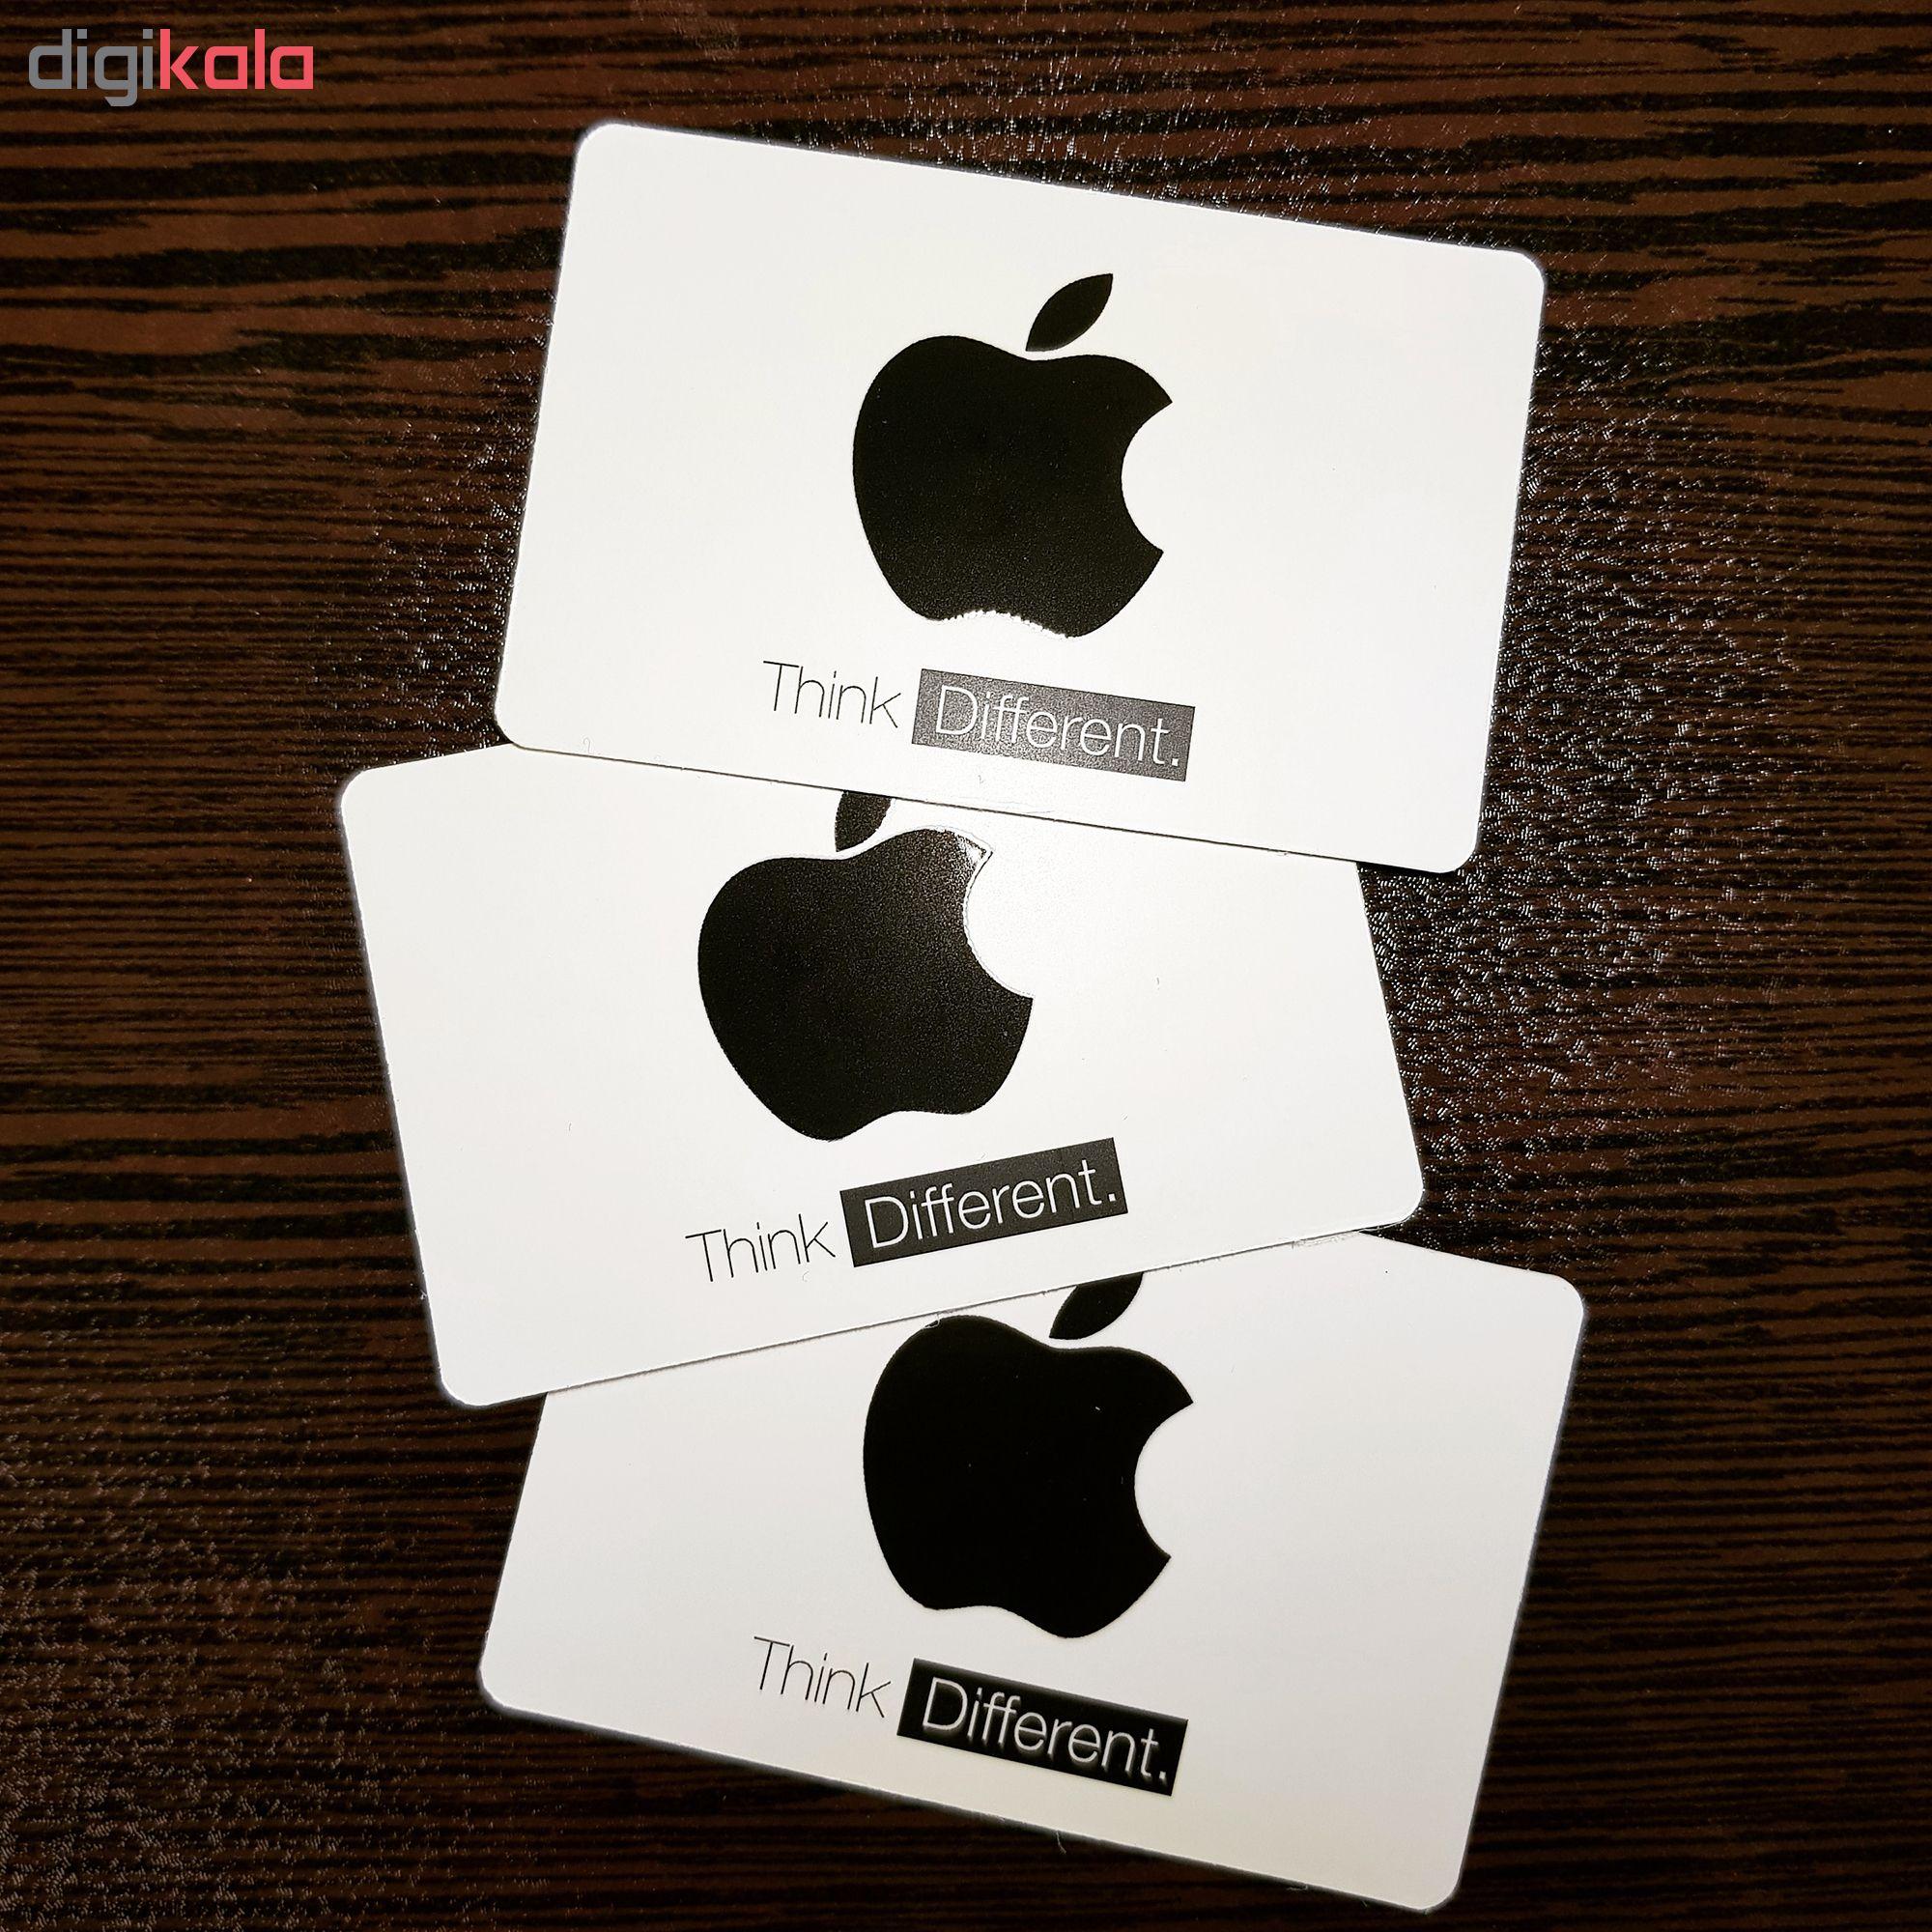 خرید اینترنتی اپل آیدی بدون اعتبار اولیه مدل STK بسته 25 عددی اورجینال